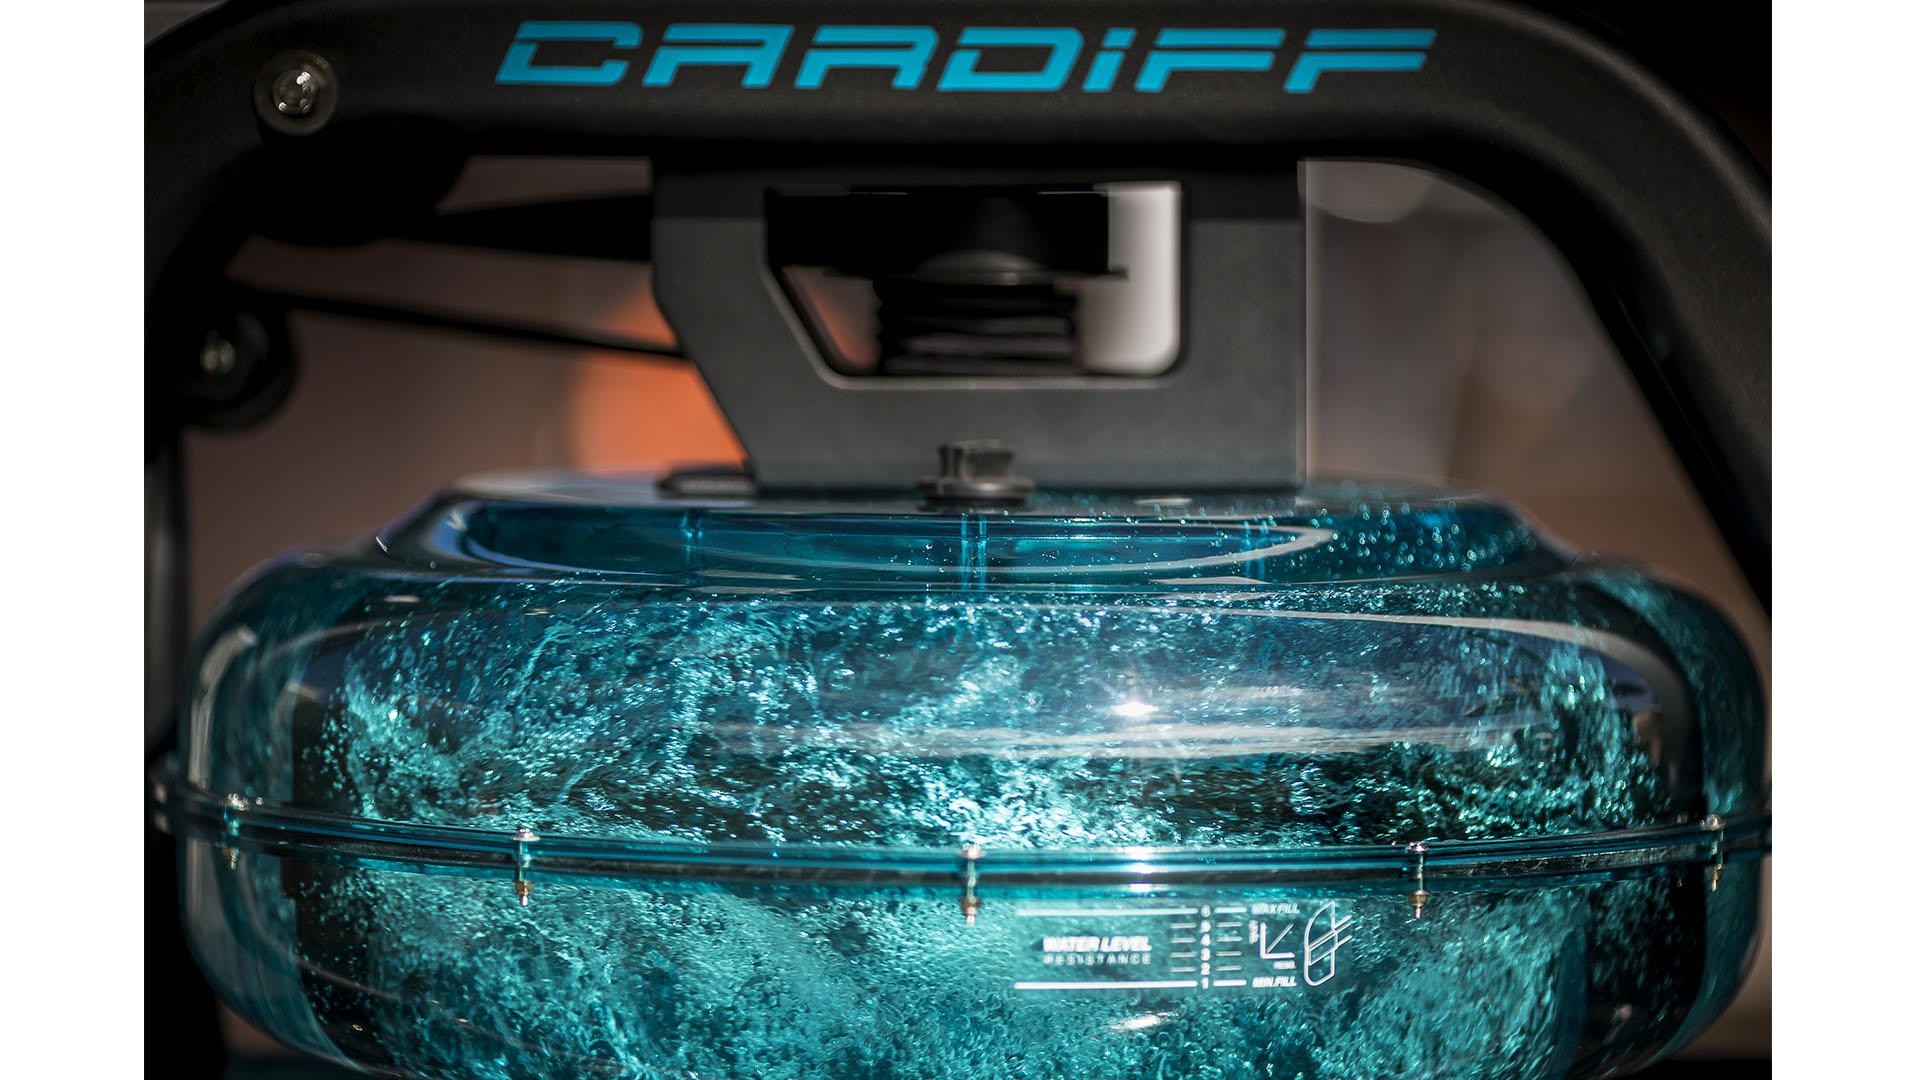 Cardiff R370